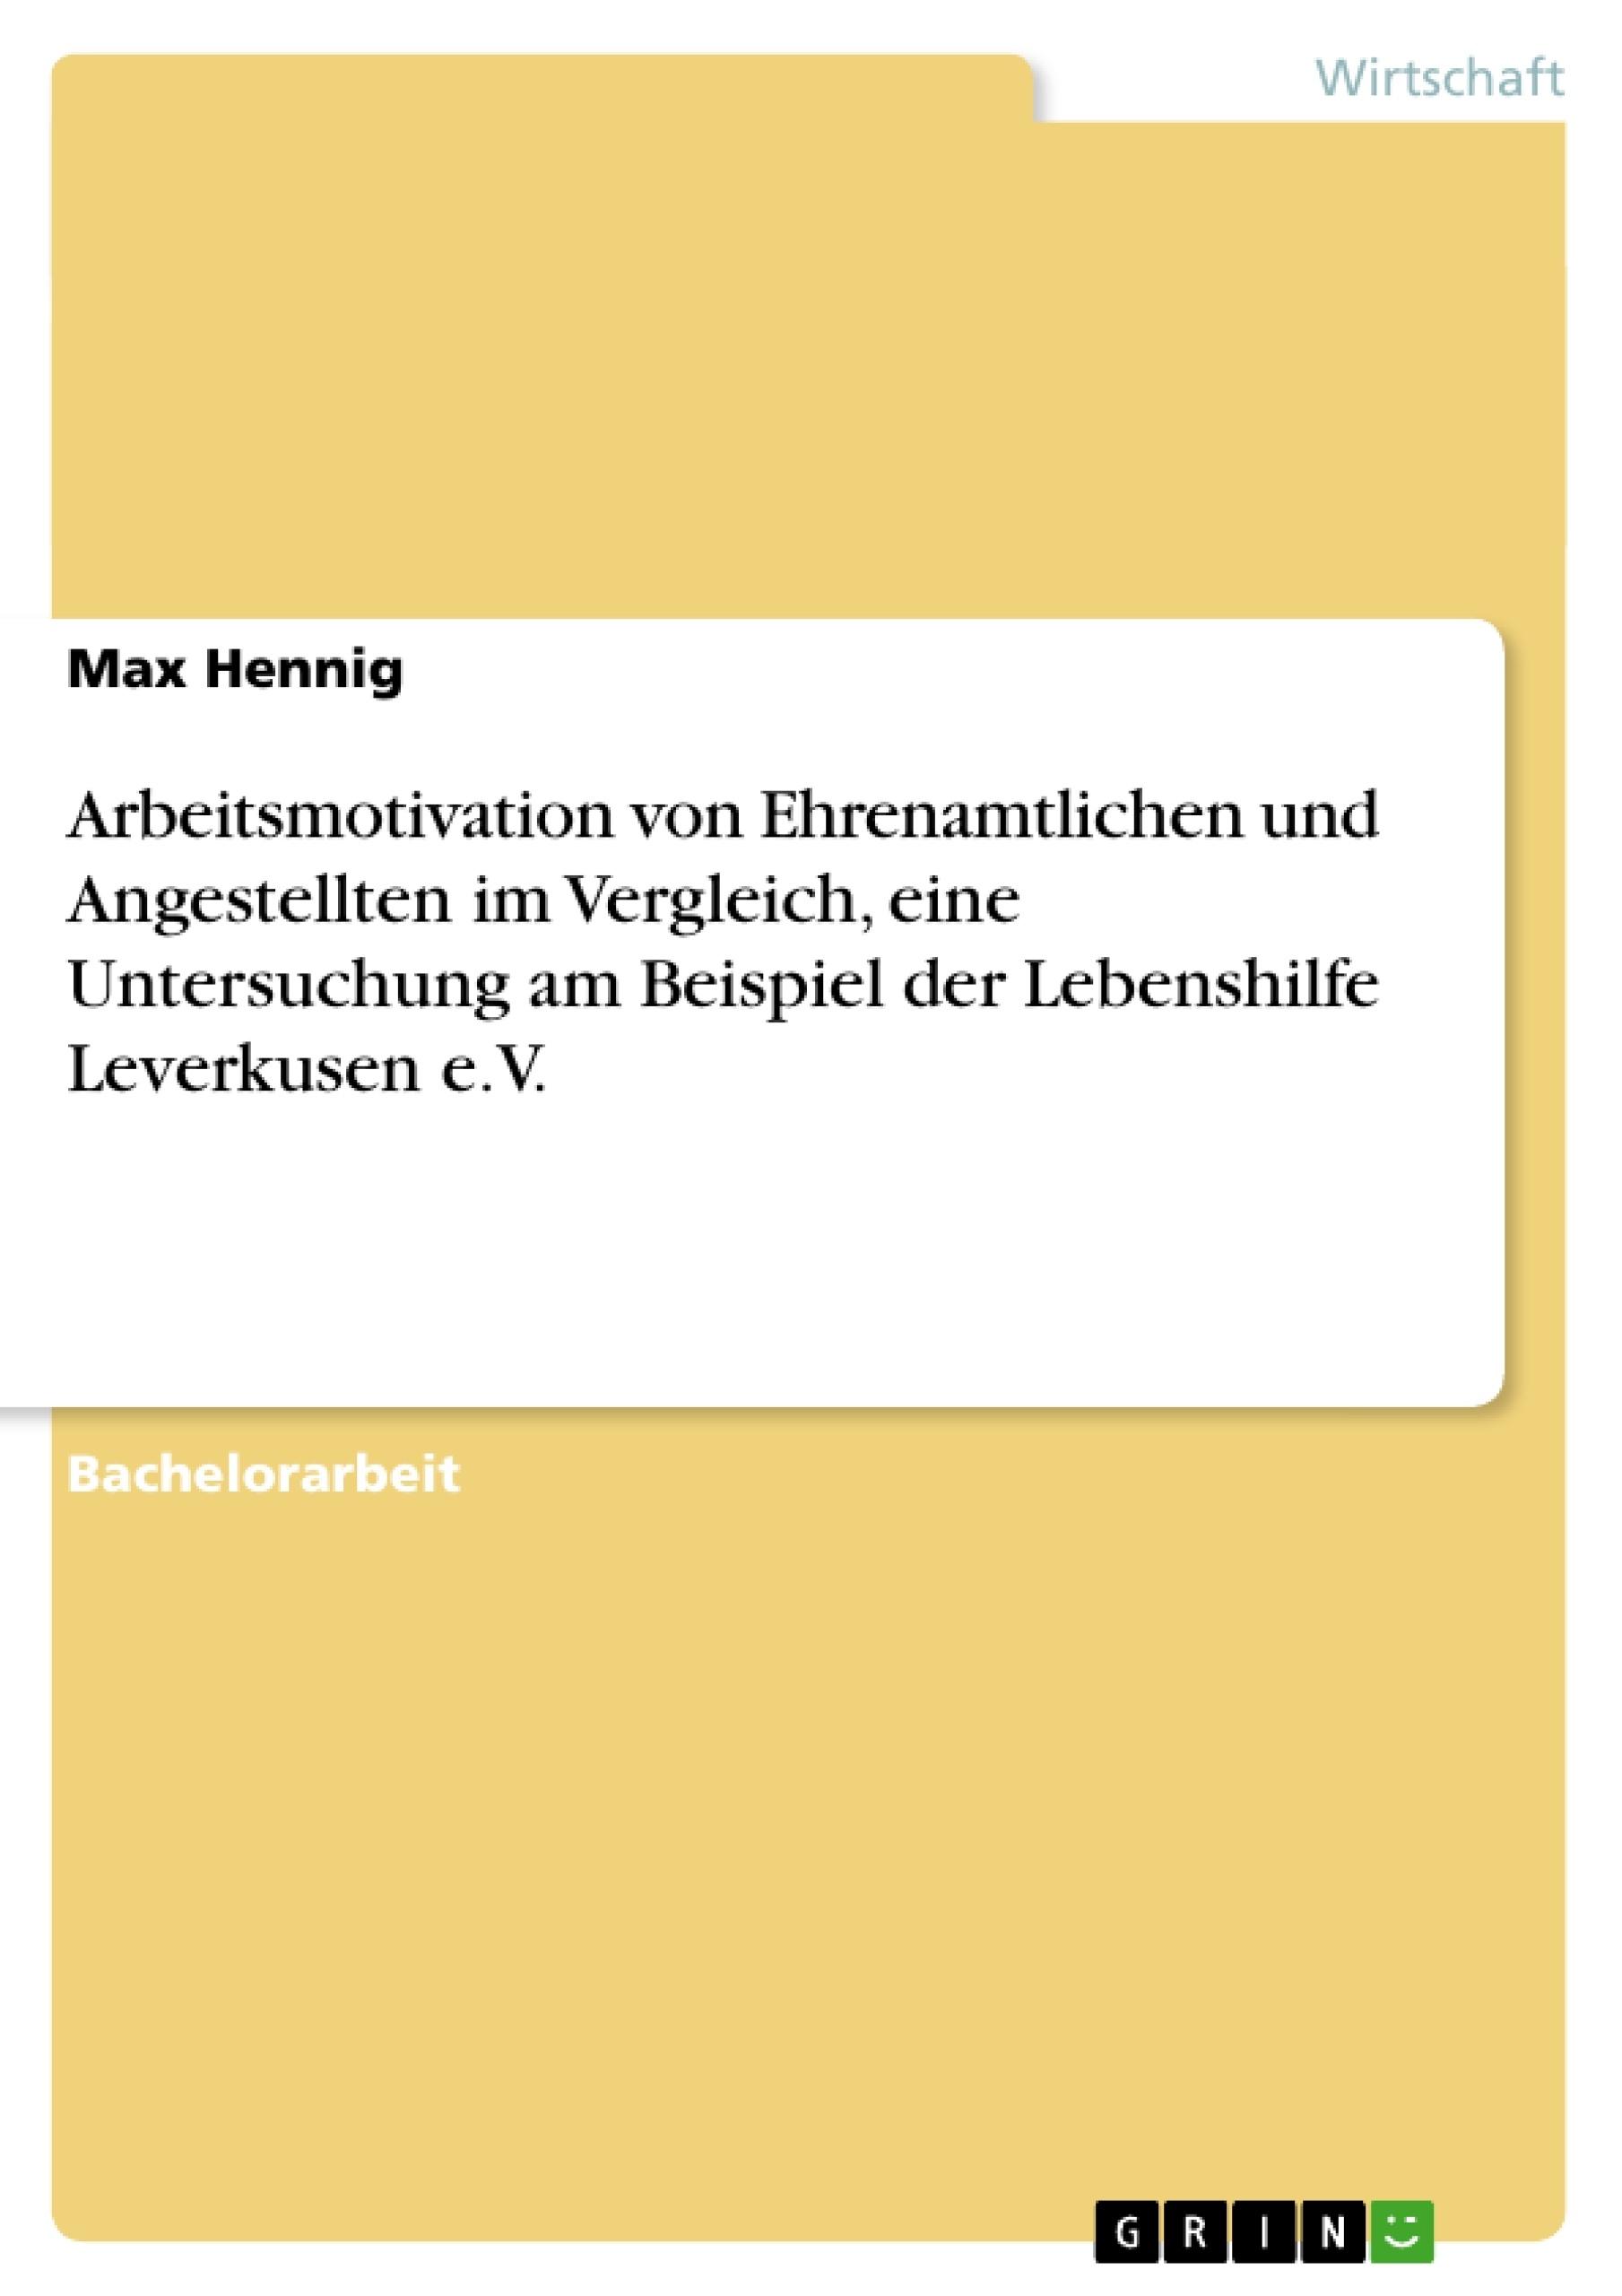 Titel: Arbeitsmotivation von Ehrenamtlichen und Angestellten im Vergleich, eine Untersuchung am Beispiel der Lebenshilfe Leverkusen e.V.